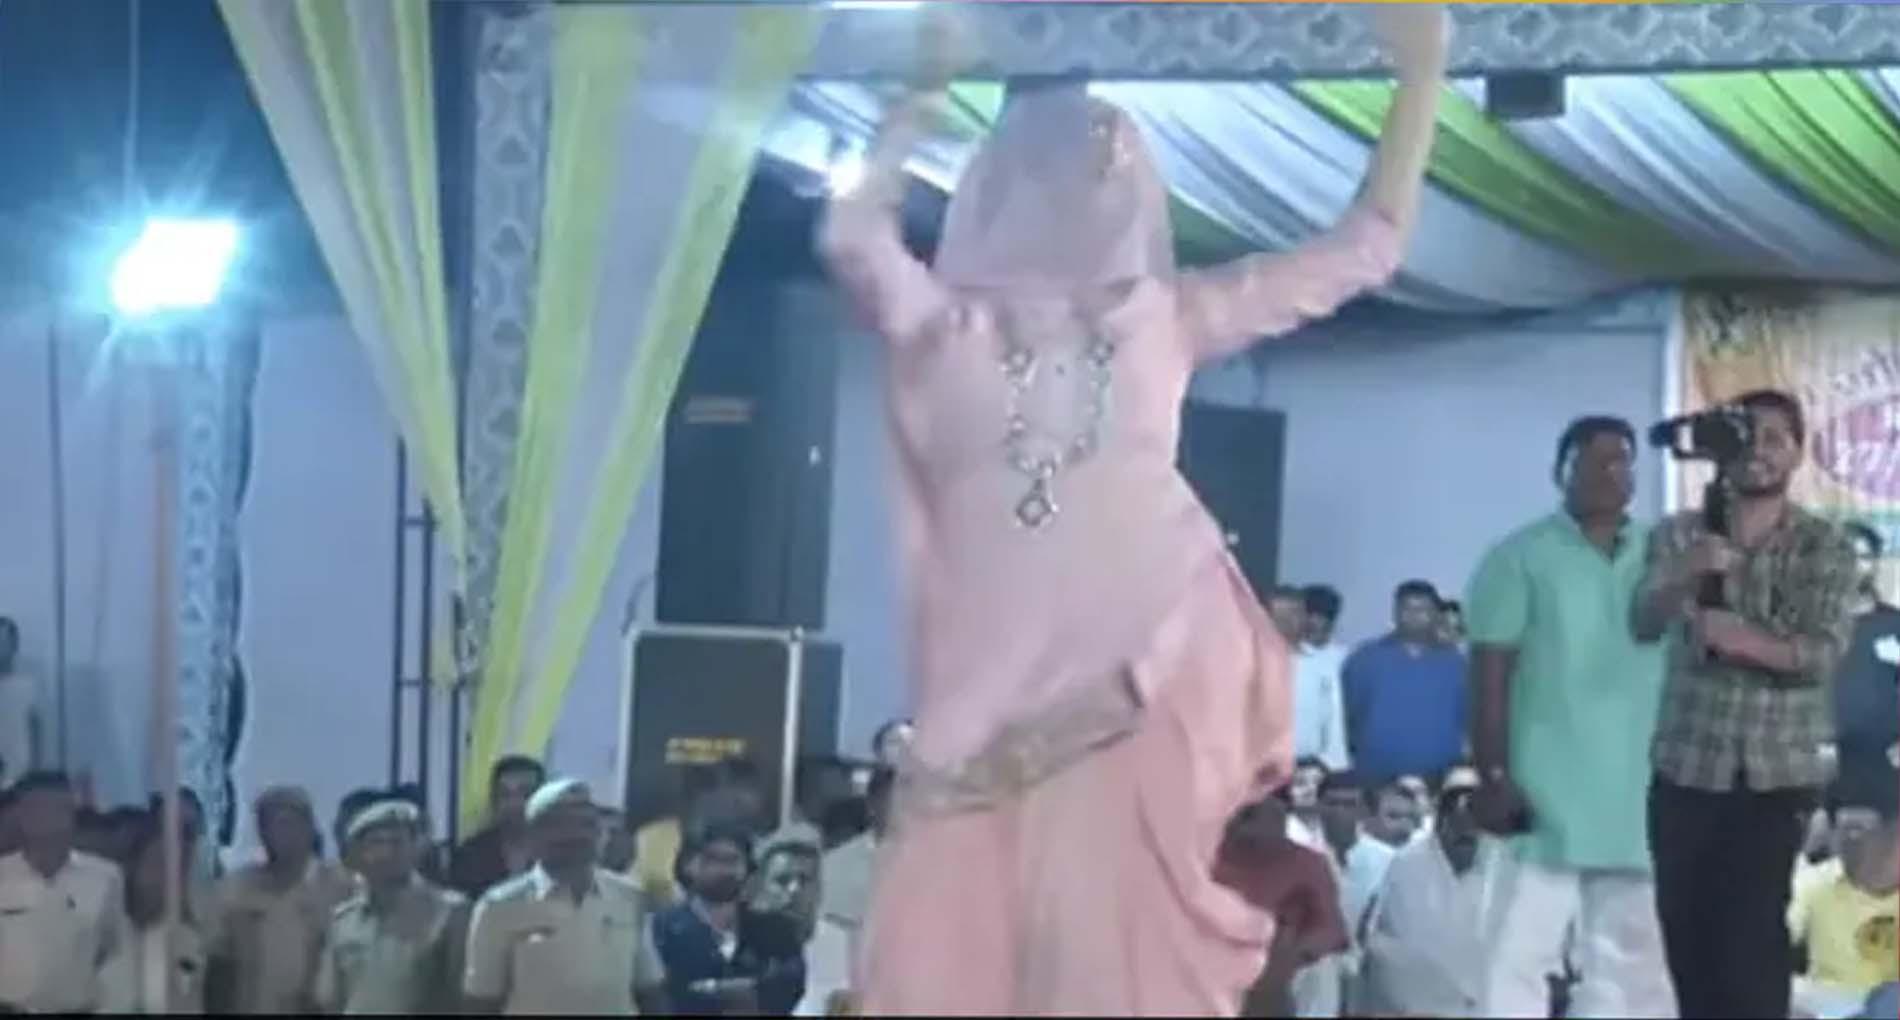 Sapna Choudhary Ke Gaane: सपना चौधरी के इस डांस वीडियो पर जमकर उड़े नोट! देखें वीडियो